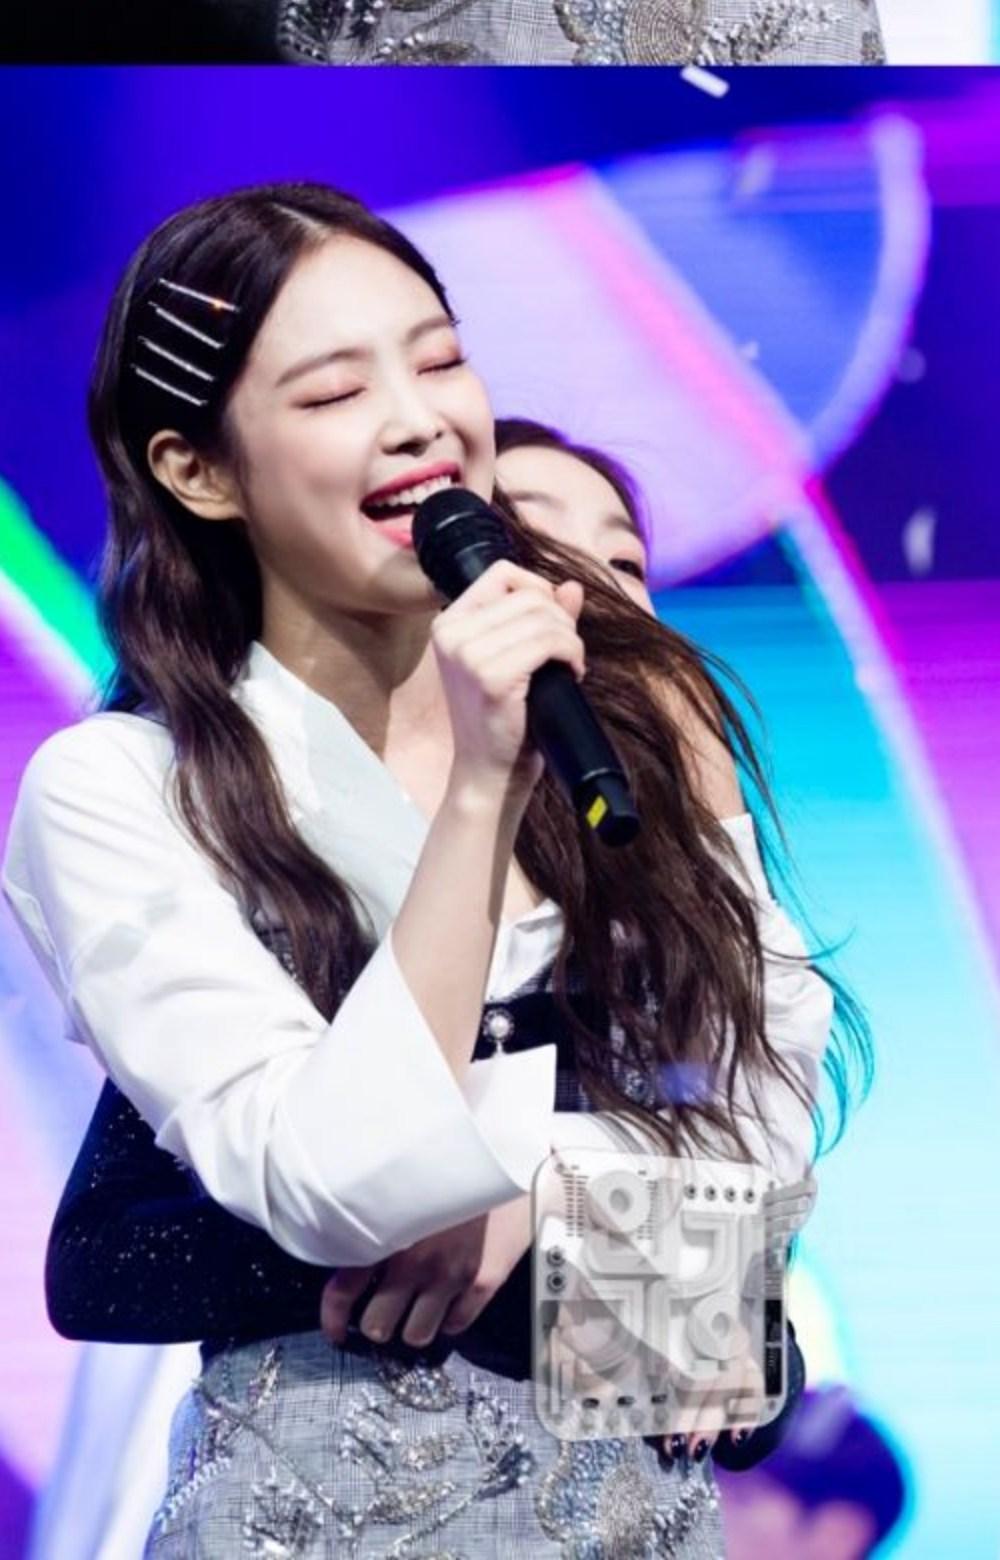 這個月初的人氣歌謠日前回歸的Red Velvet也在場,當JENNIE進行一位安可舞台時有位Red Velvet的成員突然出現給了她一個背後抱,那就是IRENE!!!